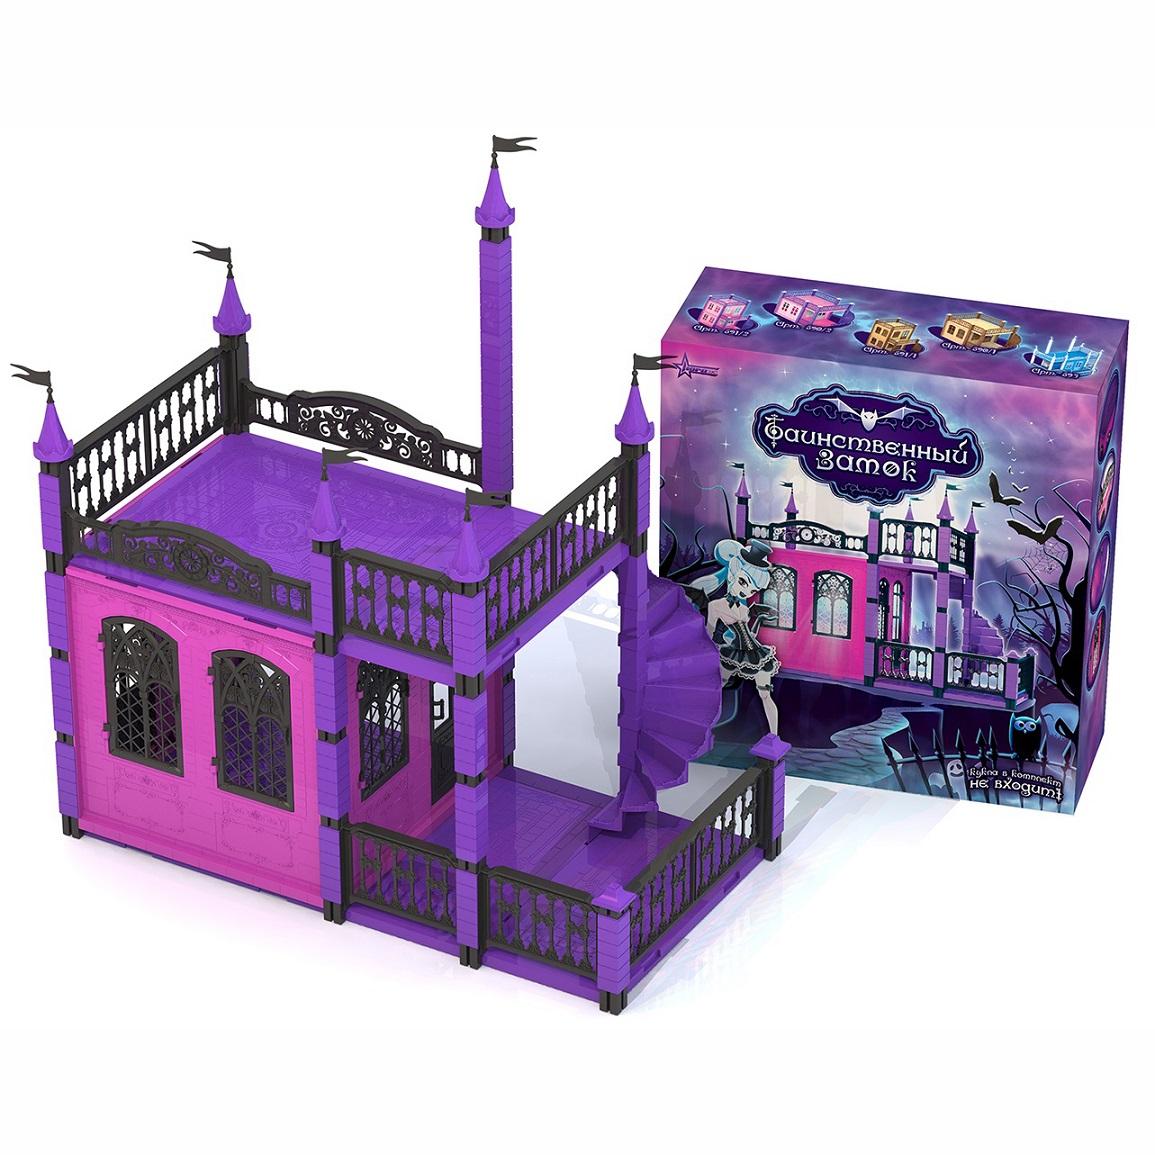 Кукольный домик - Замок таинственныйКукольные домики<br>Кукольный домик - Замок таинственный<br>